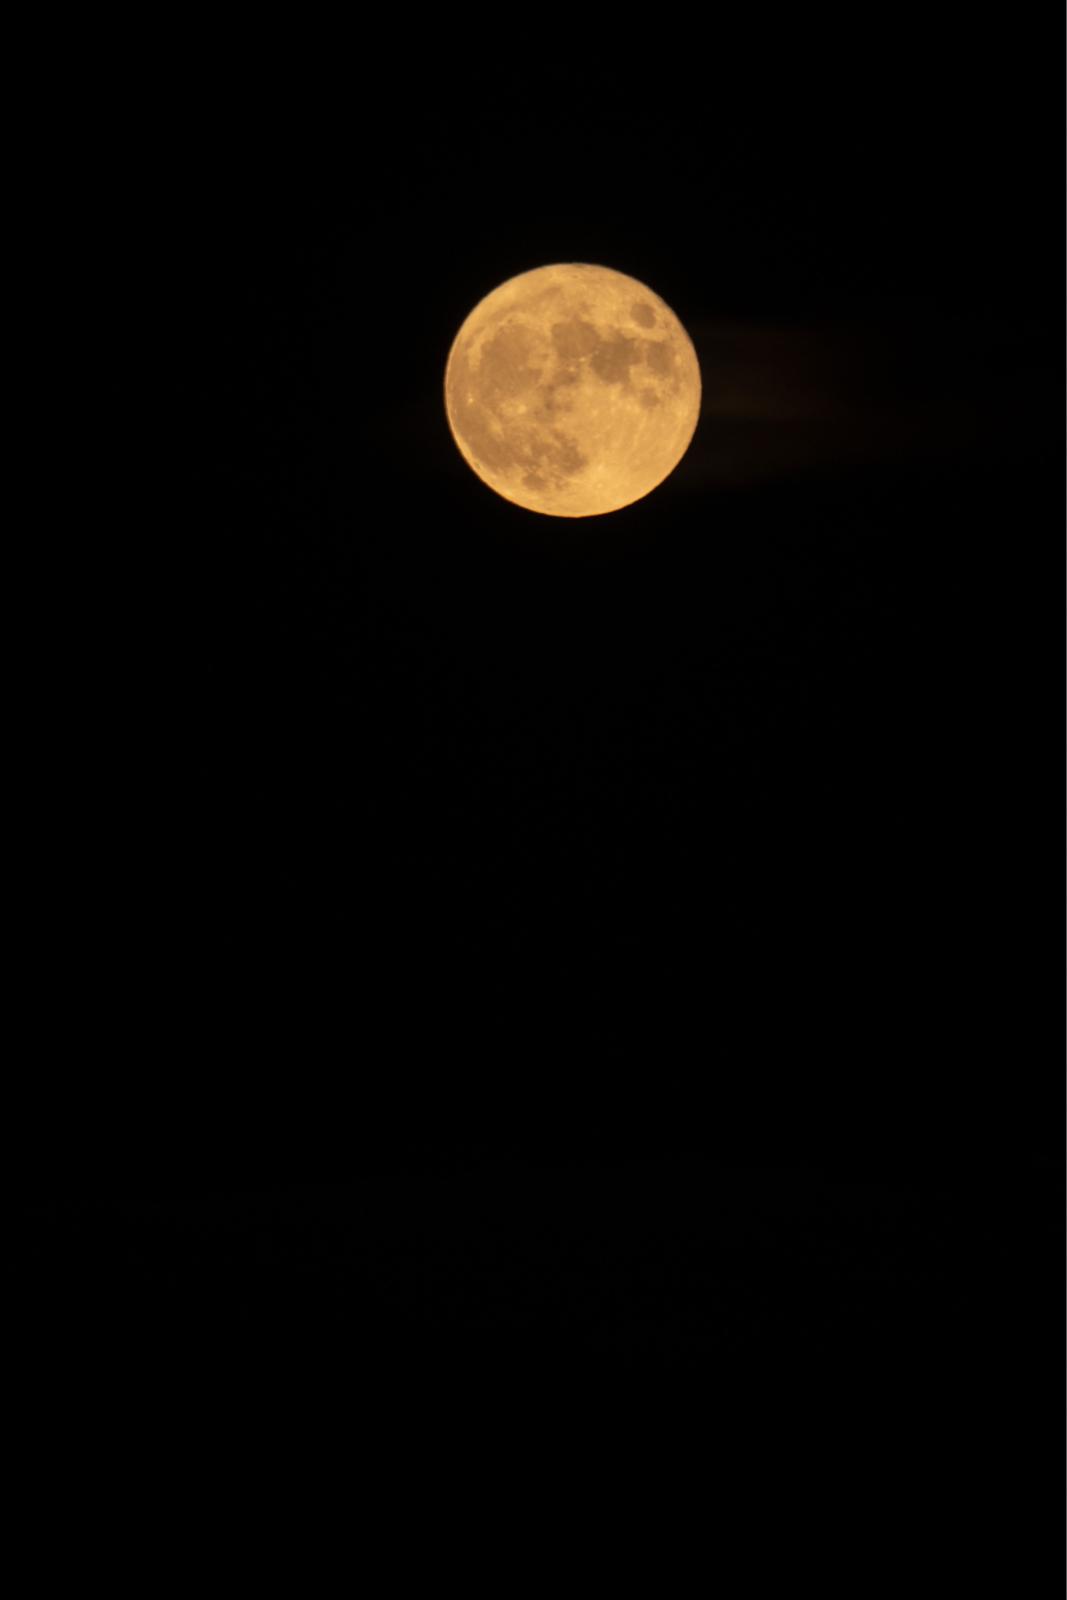 月と星に照らされて_a0025576_23023168.jpg